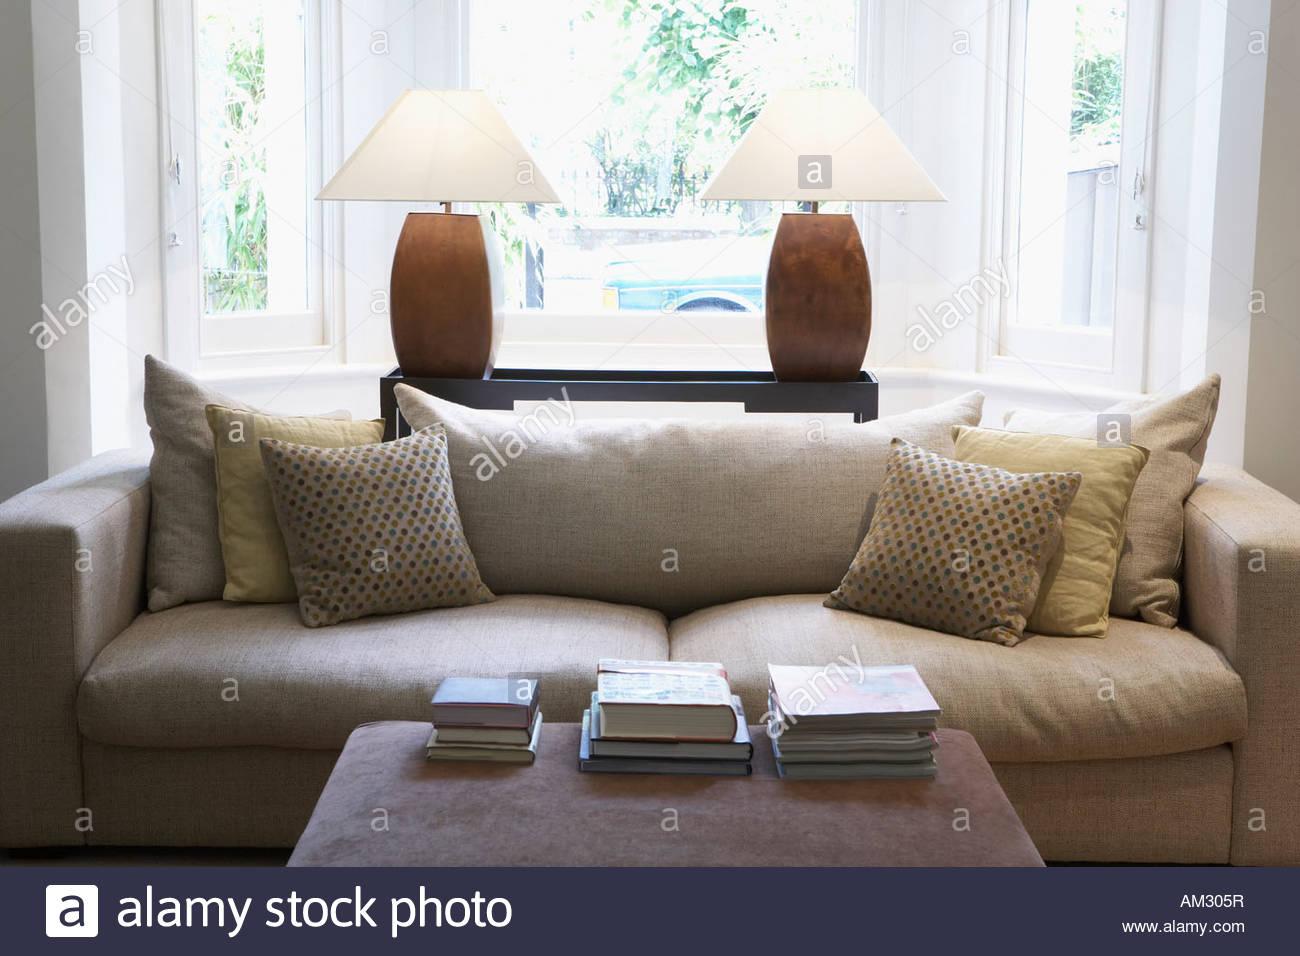 Leeren Wohnzimmer mit Couch und Couchtisch Stockbild